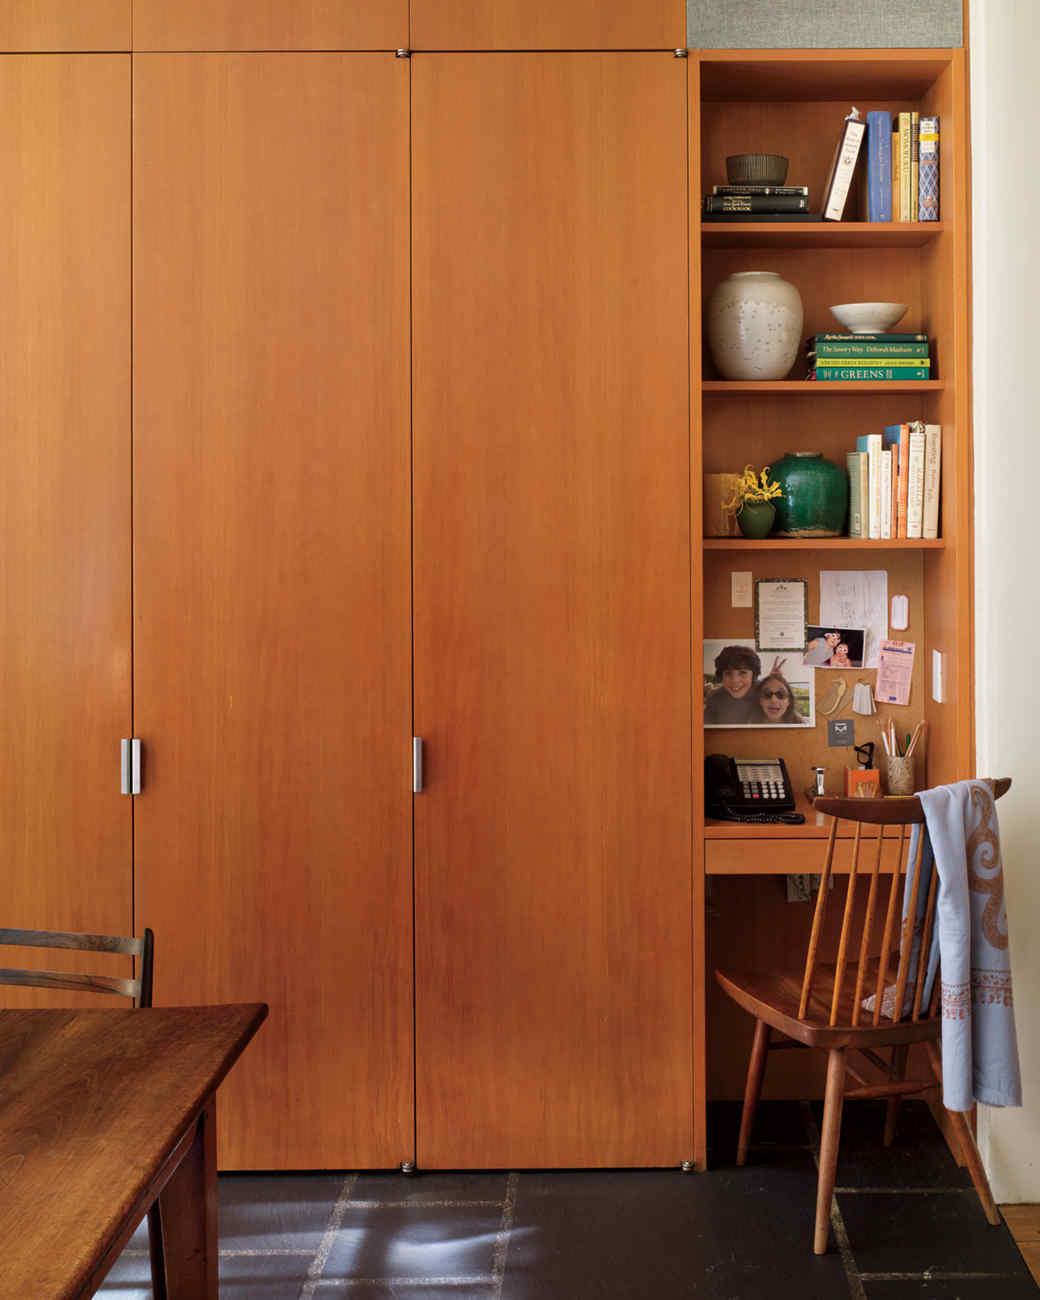 cary-tamarkin-kitchen-2-mld107949.jpg